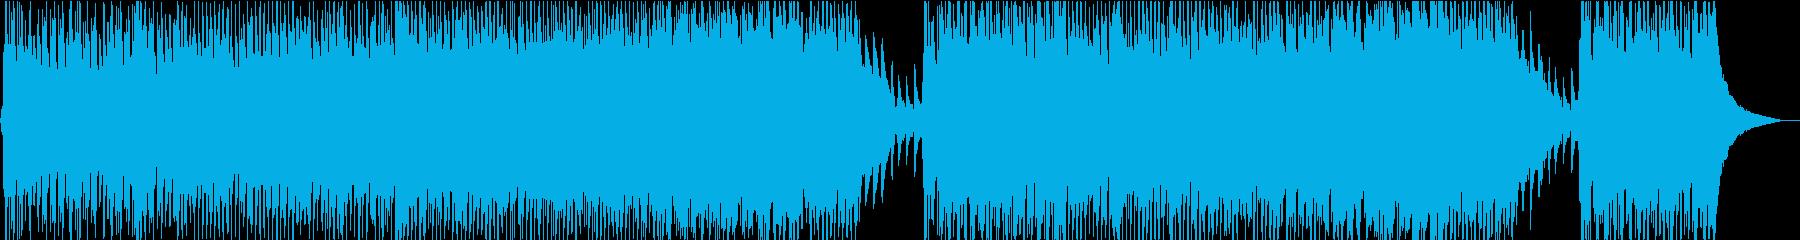 始まりの空気の再生済みの波形